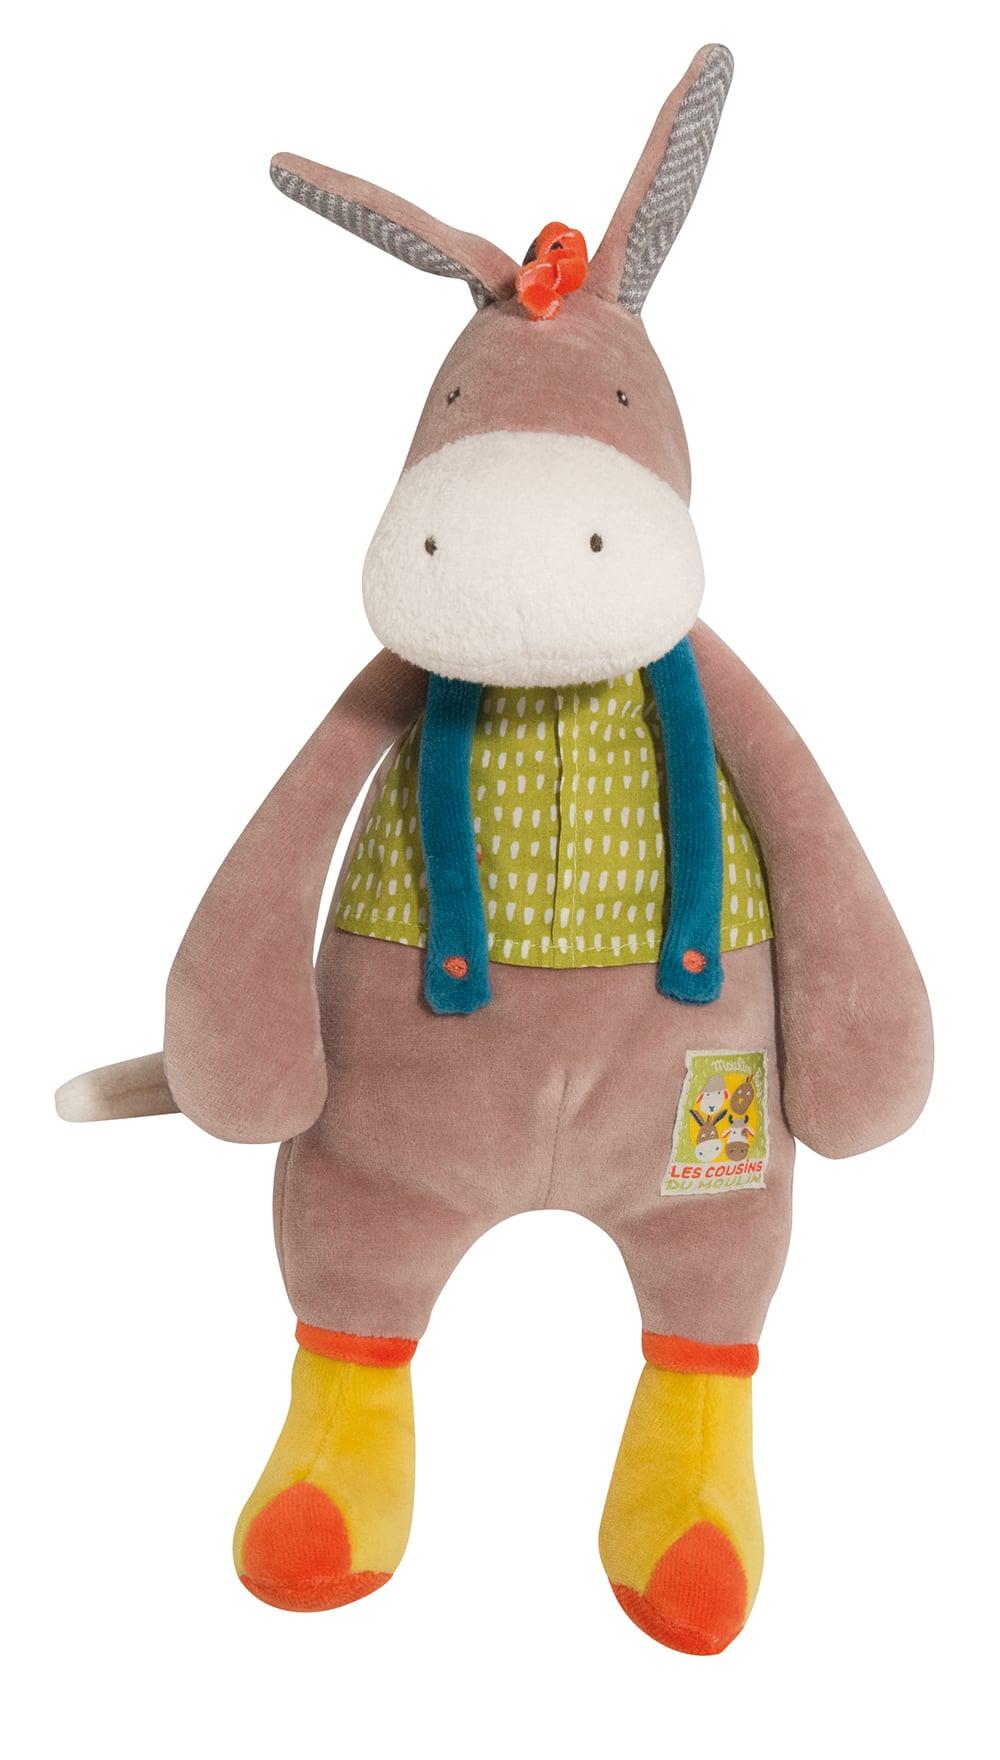 Les Cousins - Donkey doll